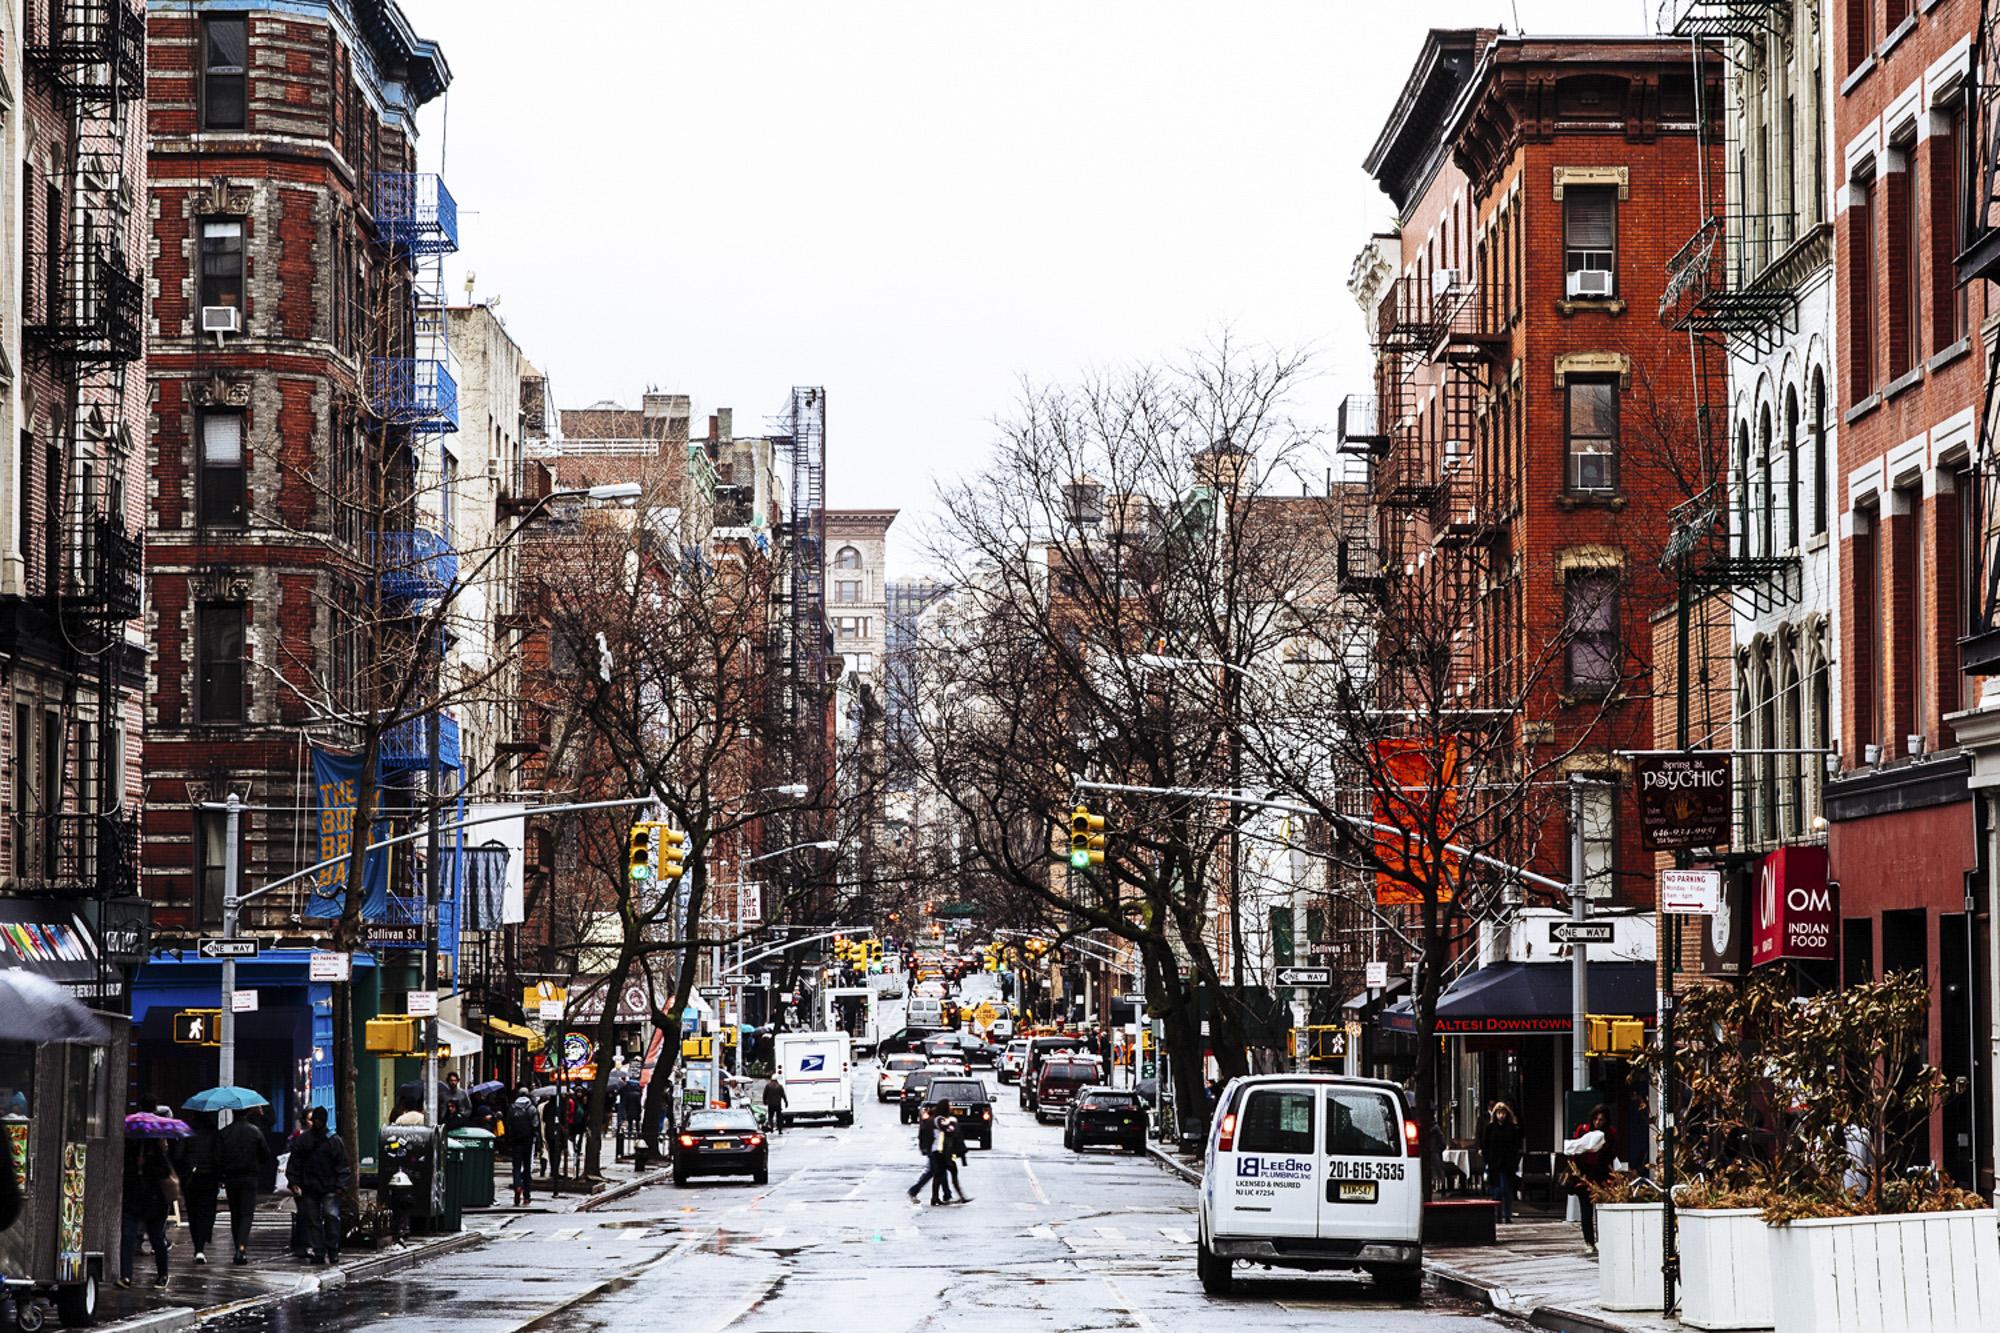 kyrani-kanavaros-new-york-photography-22.jpg